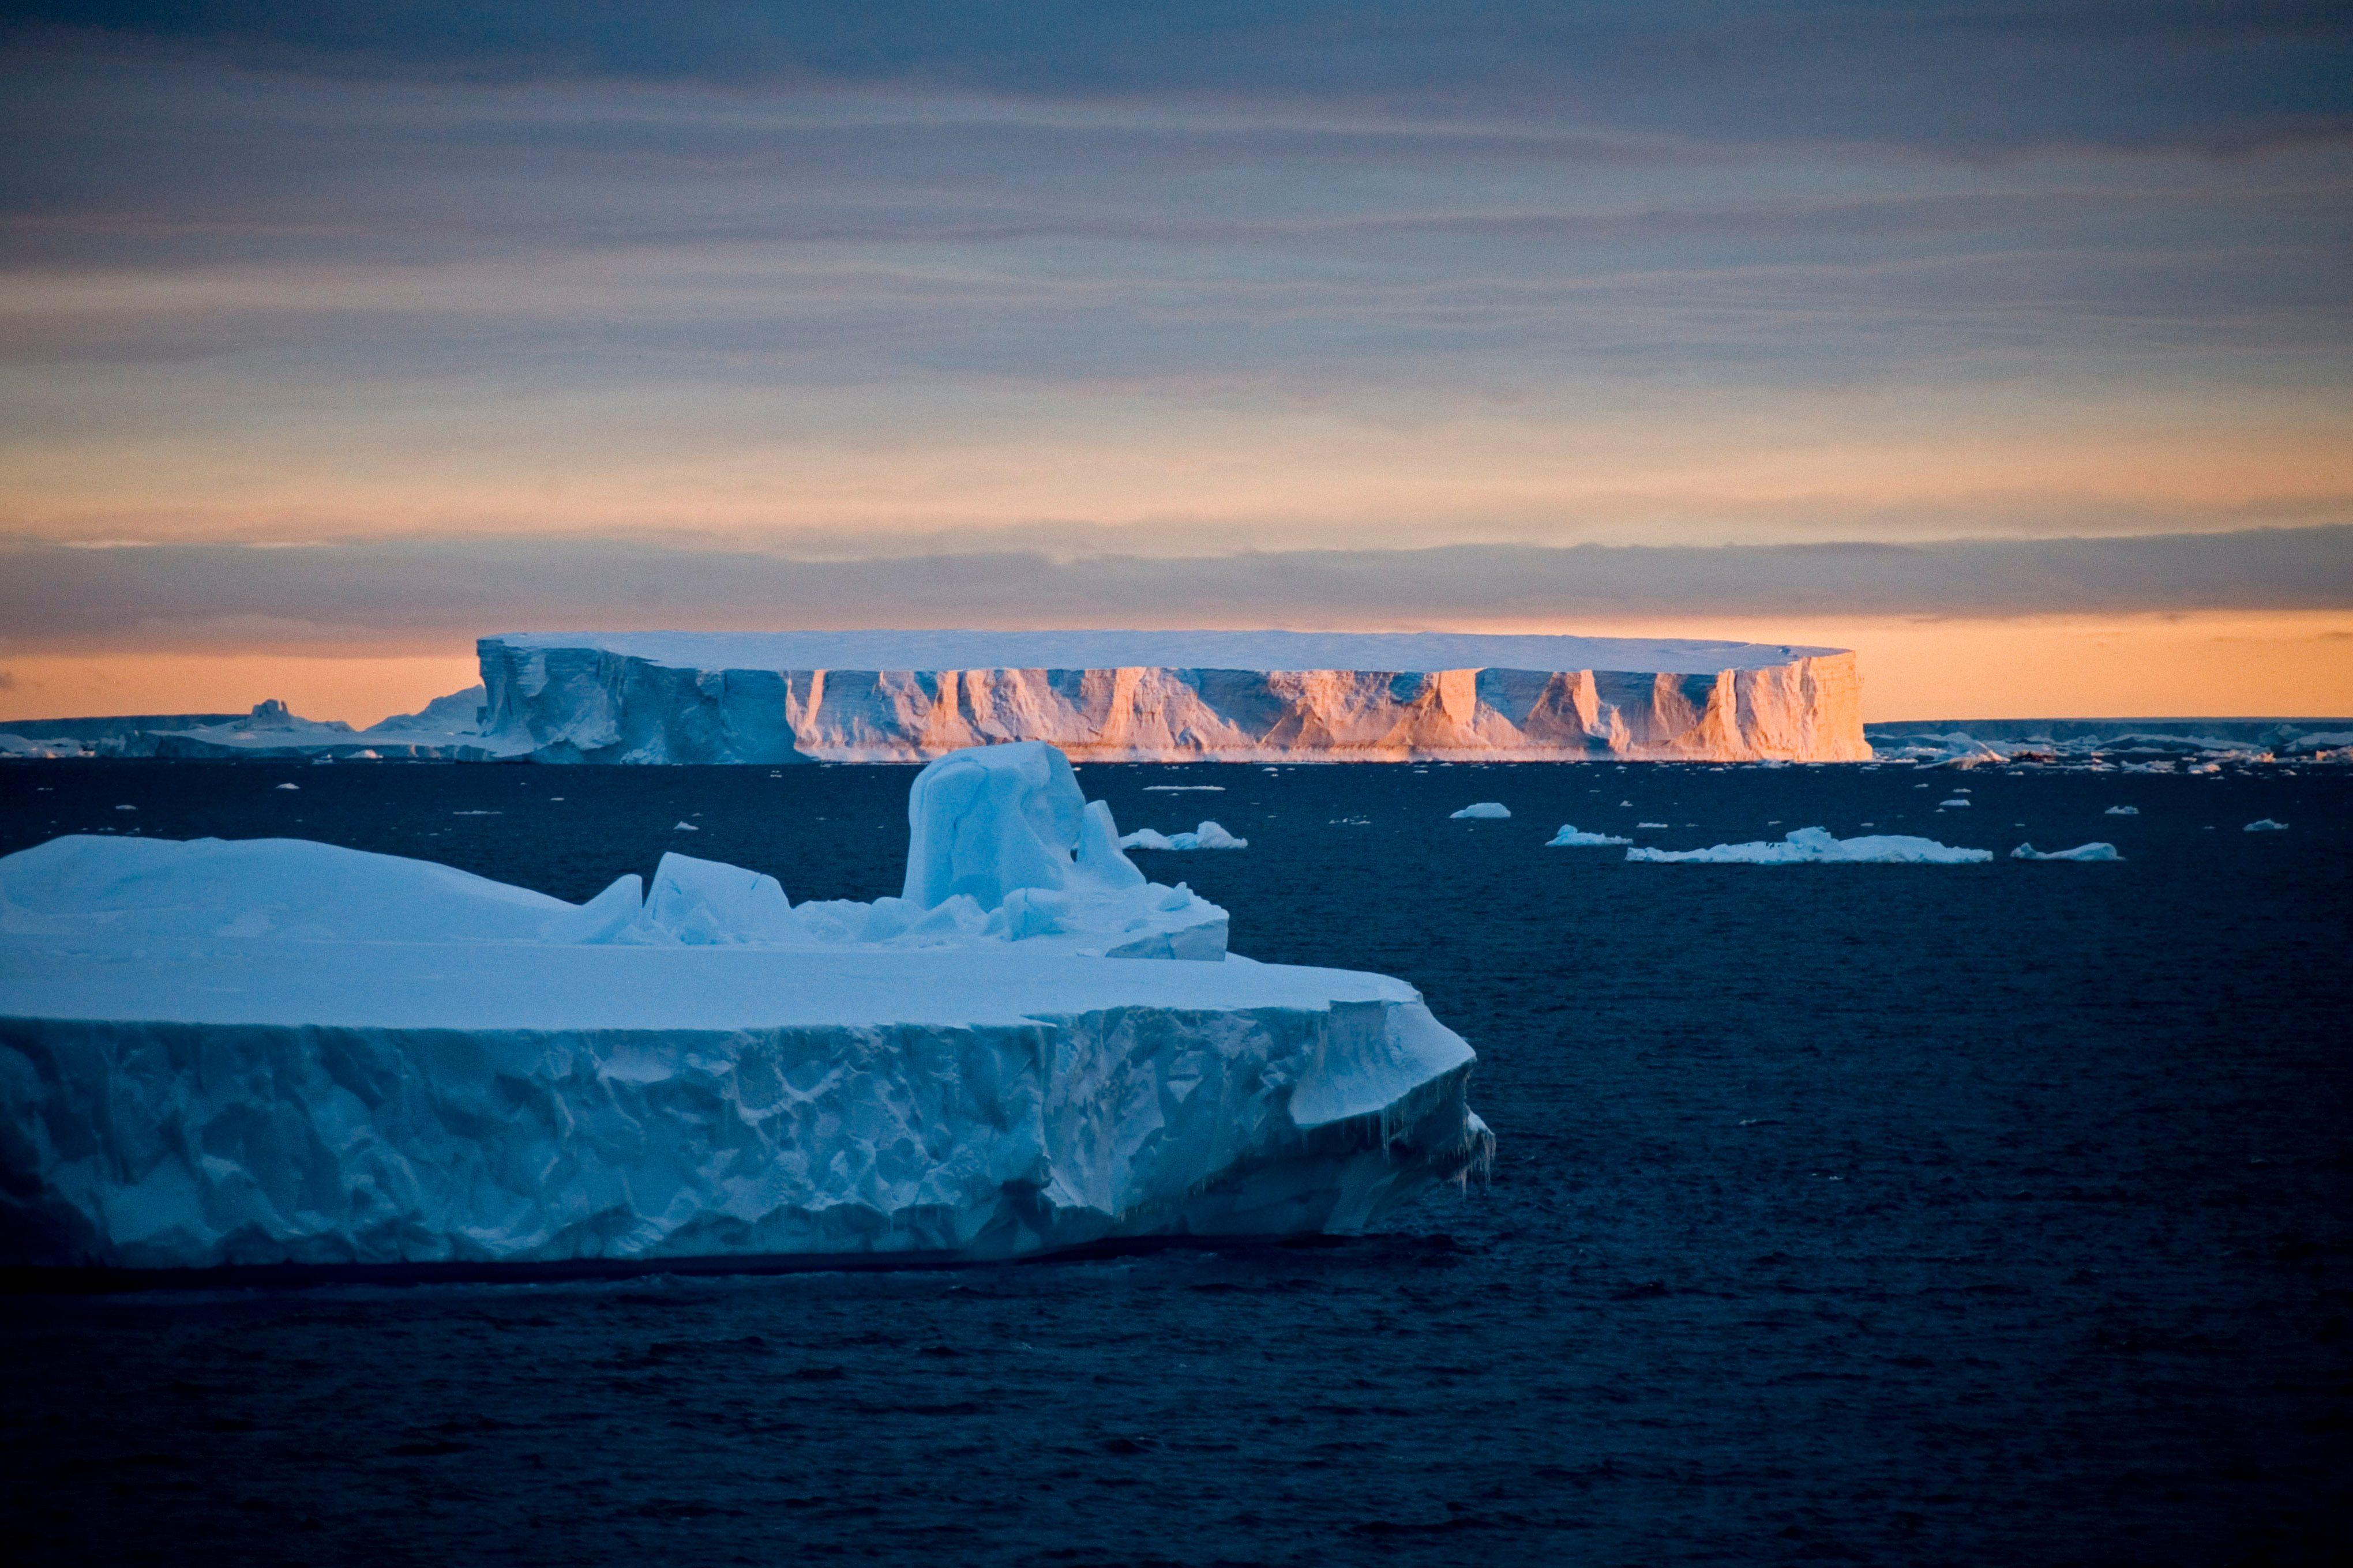 A Voyage to Antarctica